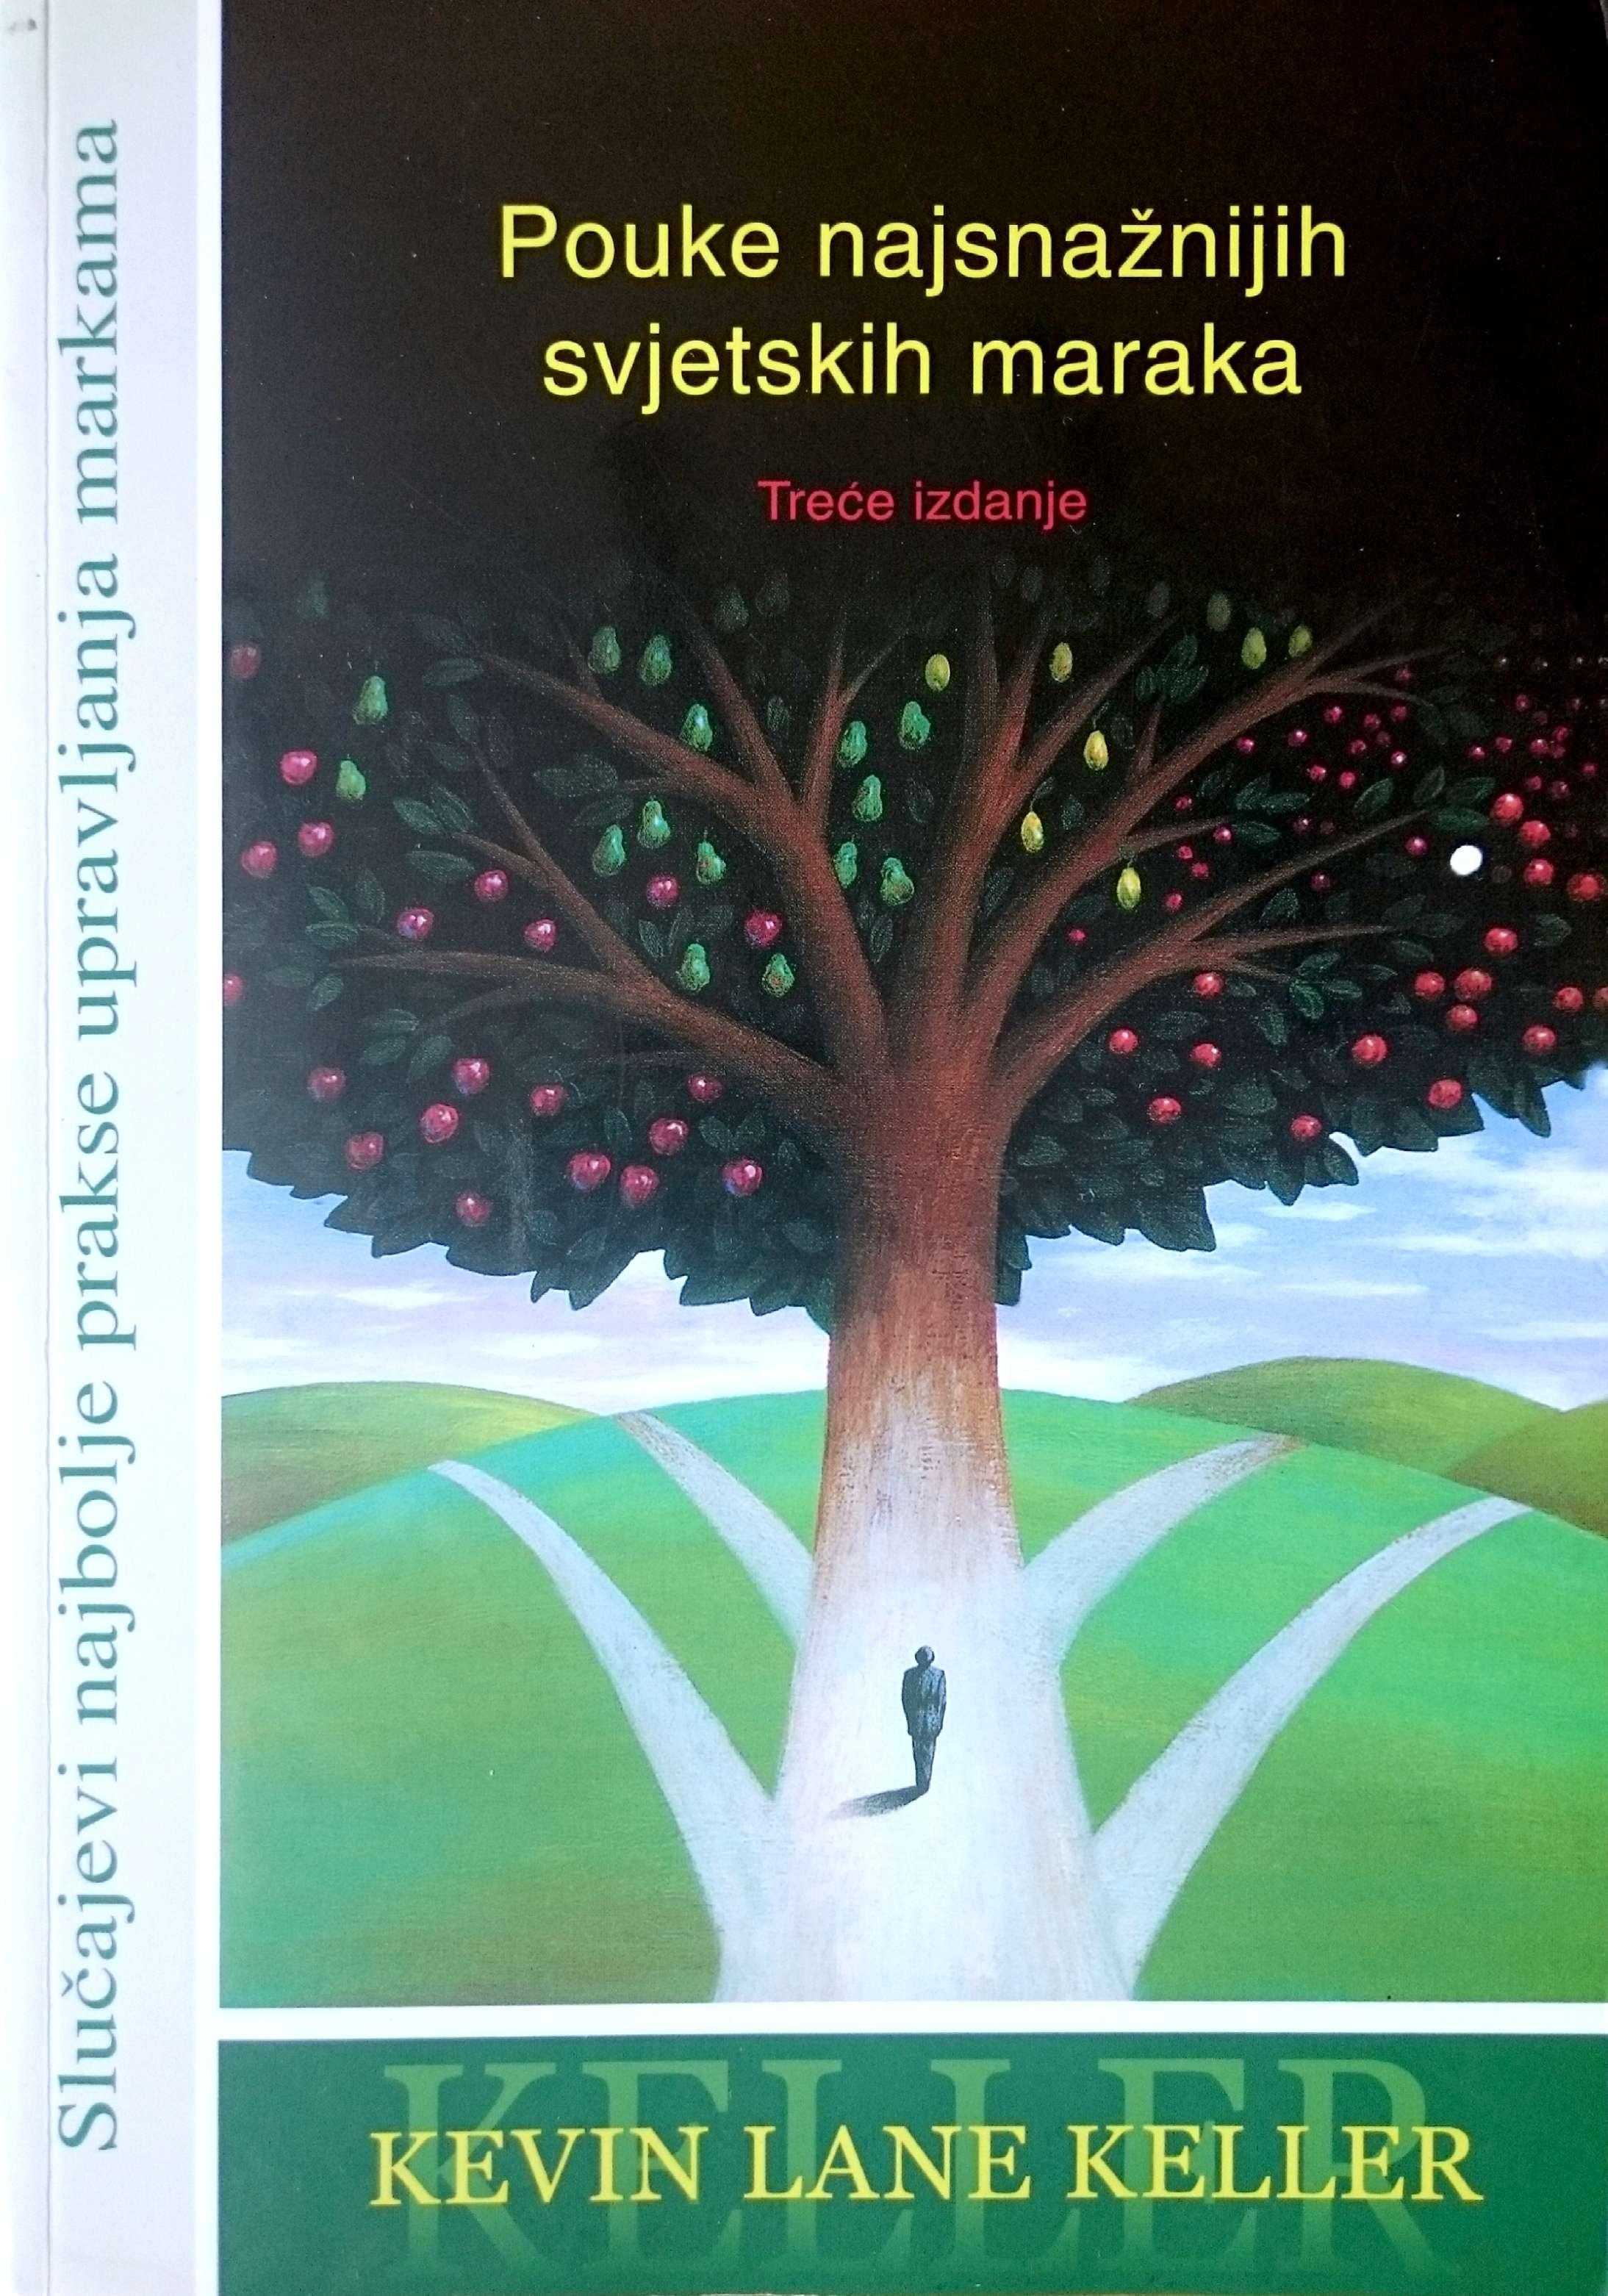 SLUČAJEVI NAJBOLJE PRAKSE UPRAVLJANJA MARKAMA - Naruči svoju knjigu